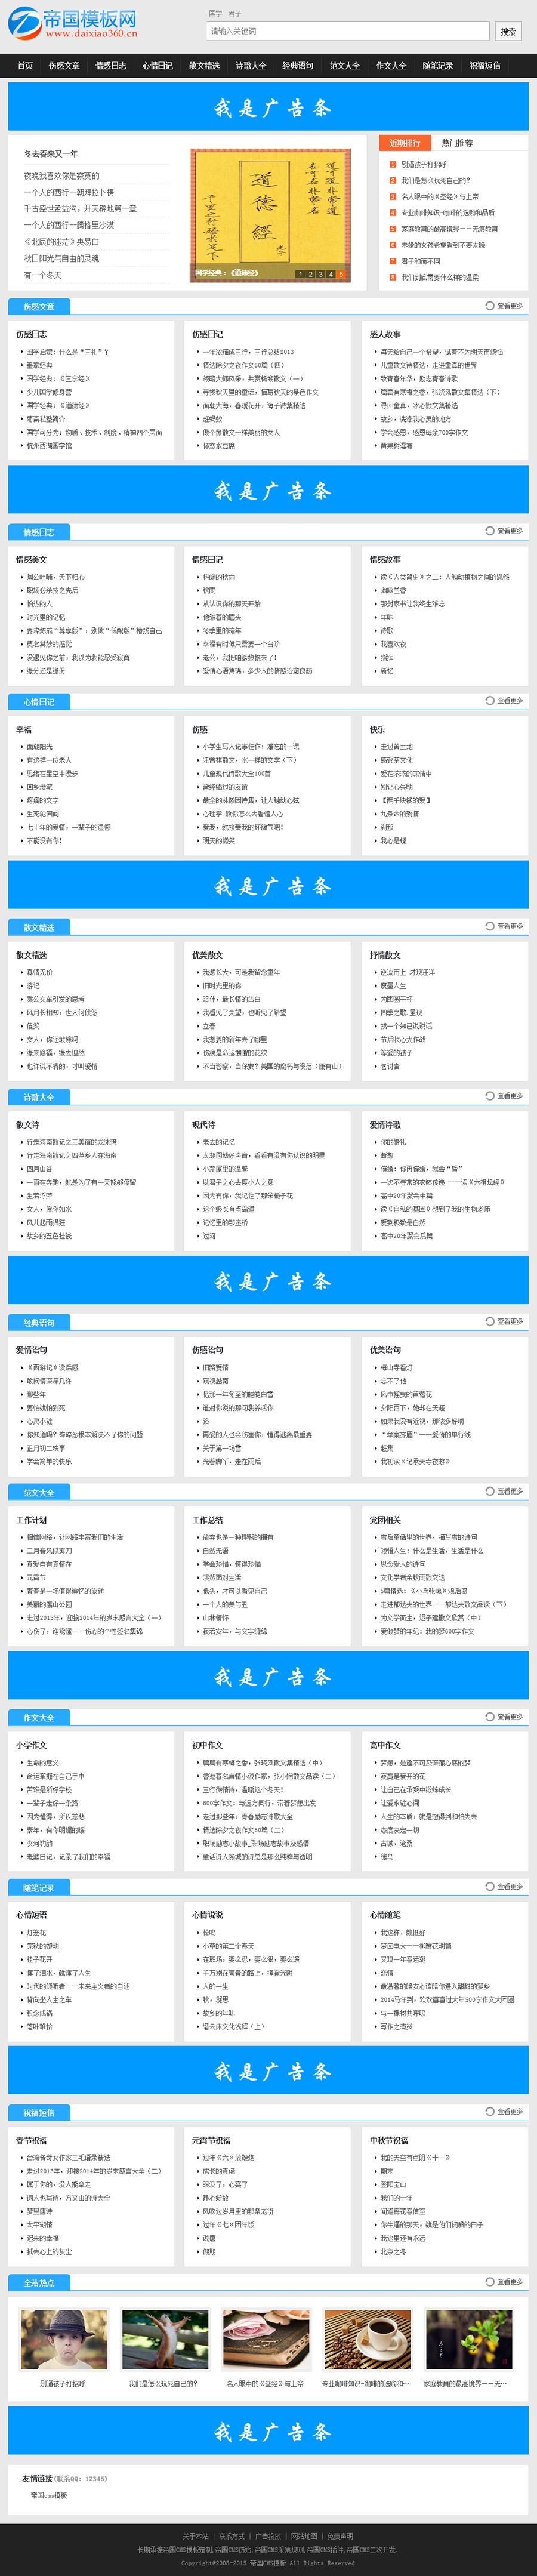 帝国cms蓝色新闻资讯文章模板加手机wap模板_电脑版首页